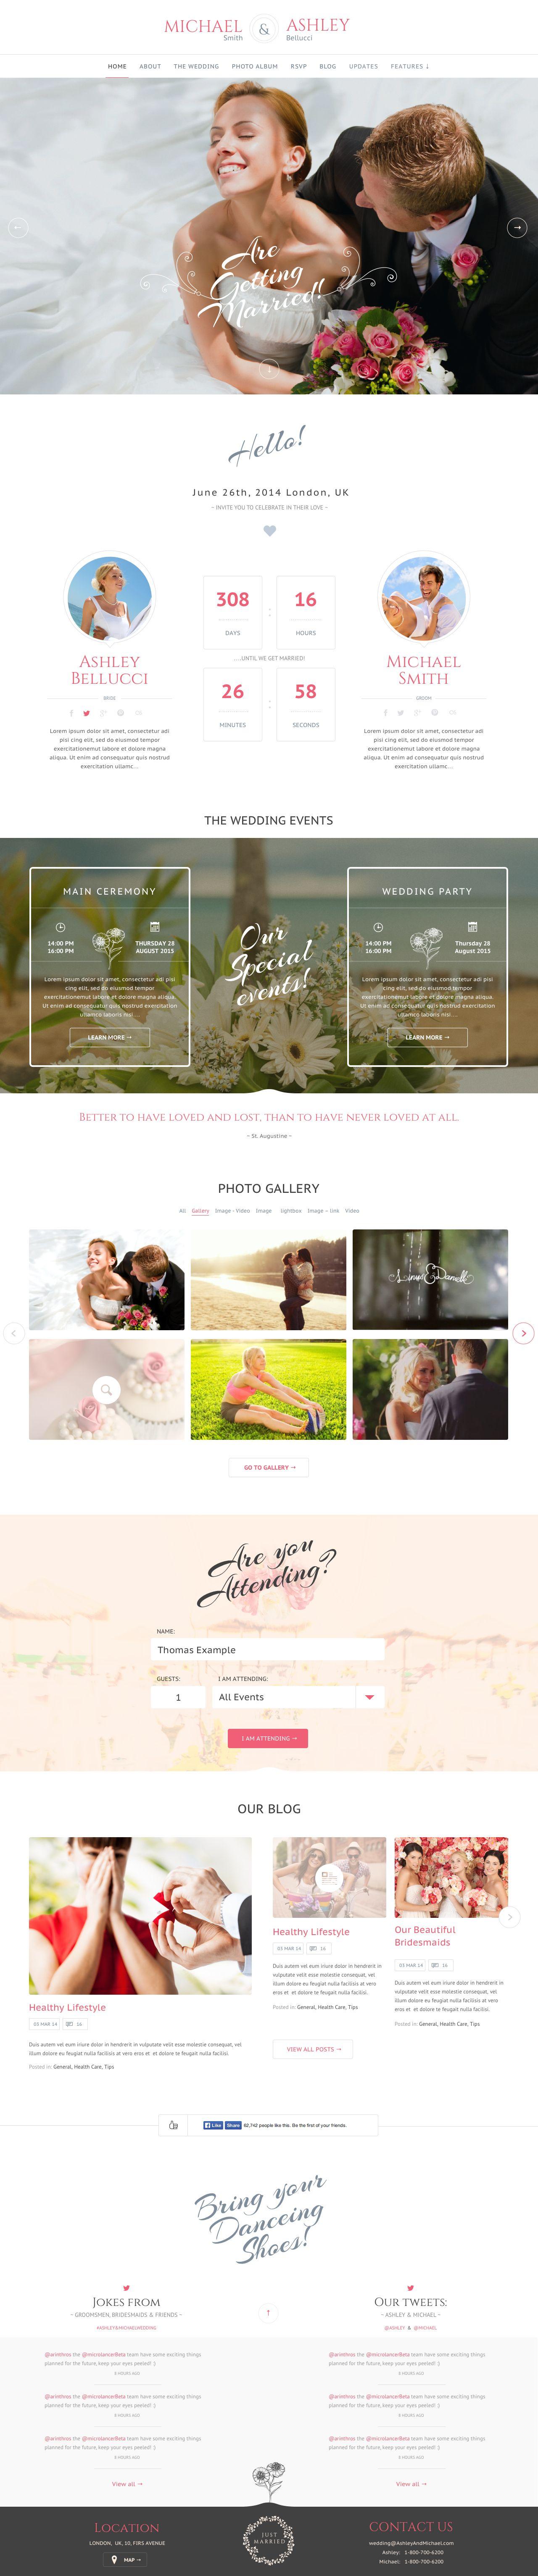 Honeymoon Wedding Wedding And Wedding Planner Wordpress Theme